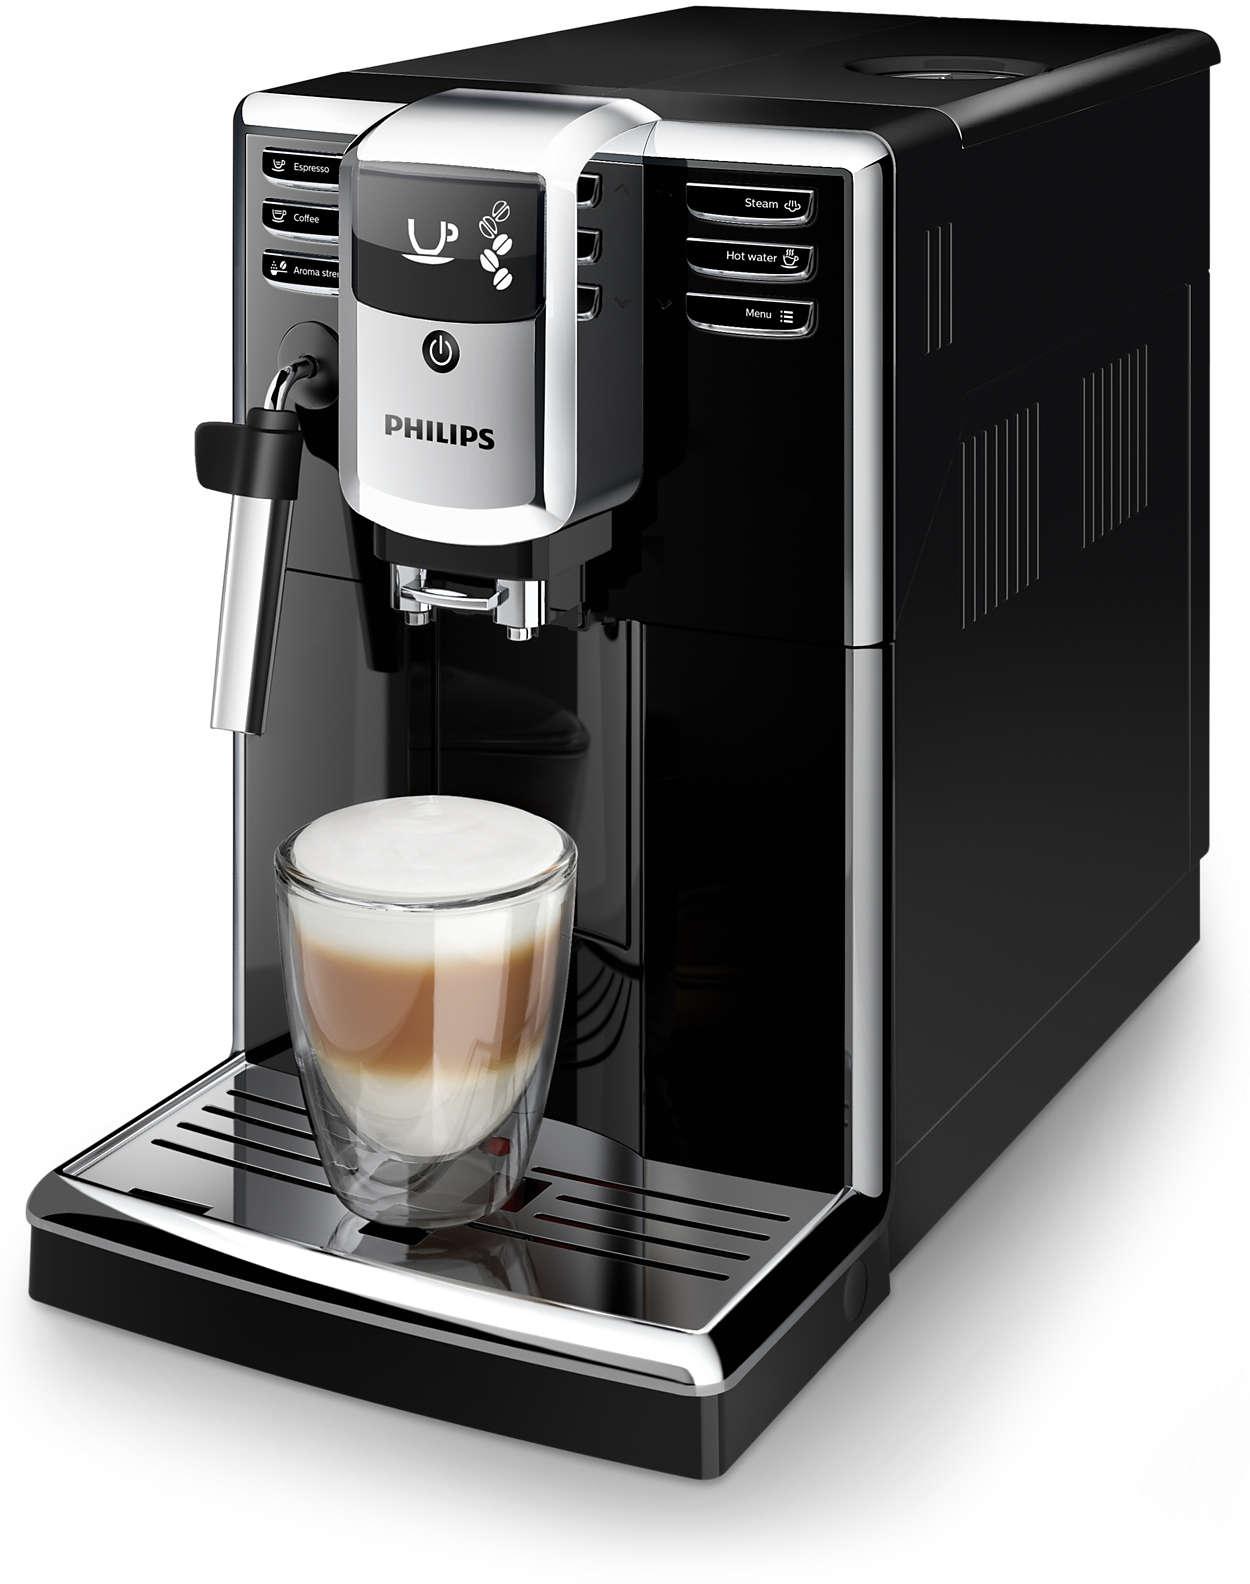 Snadná příprava 3typů kávy zčerstvých kávových zrn